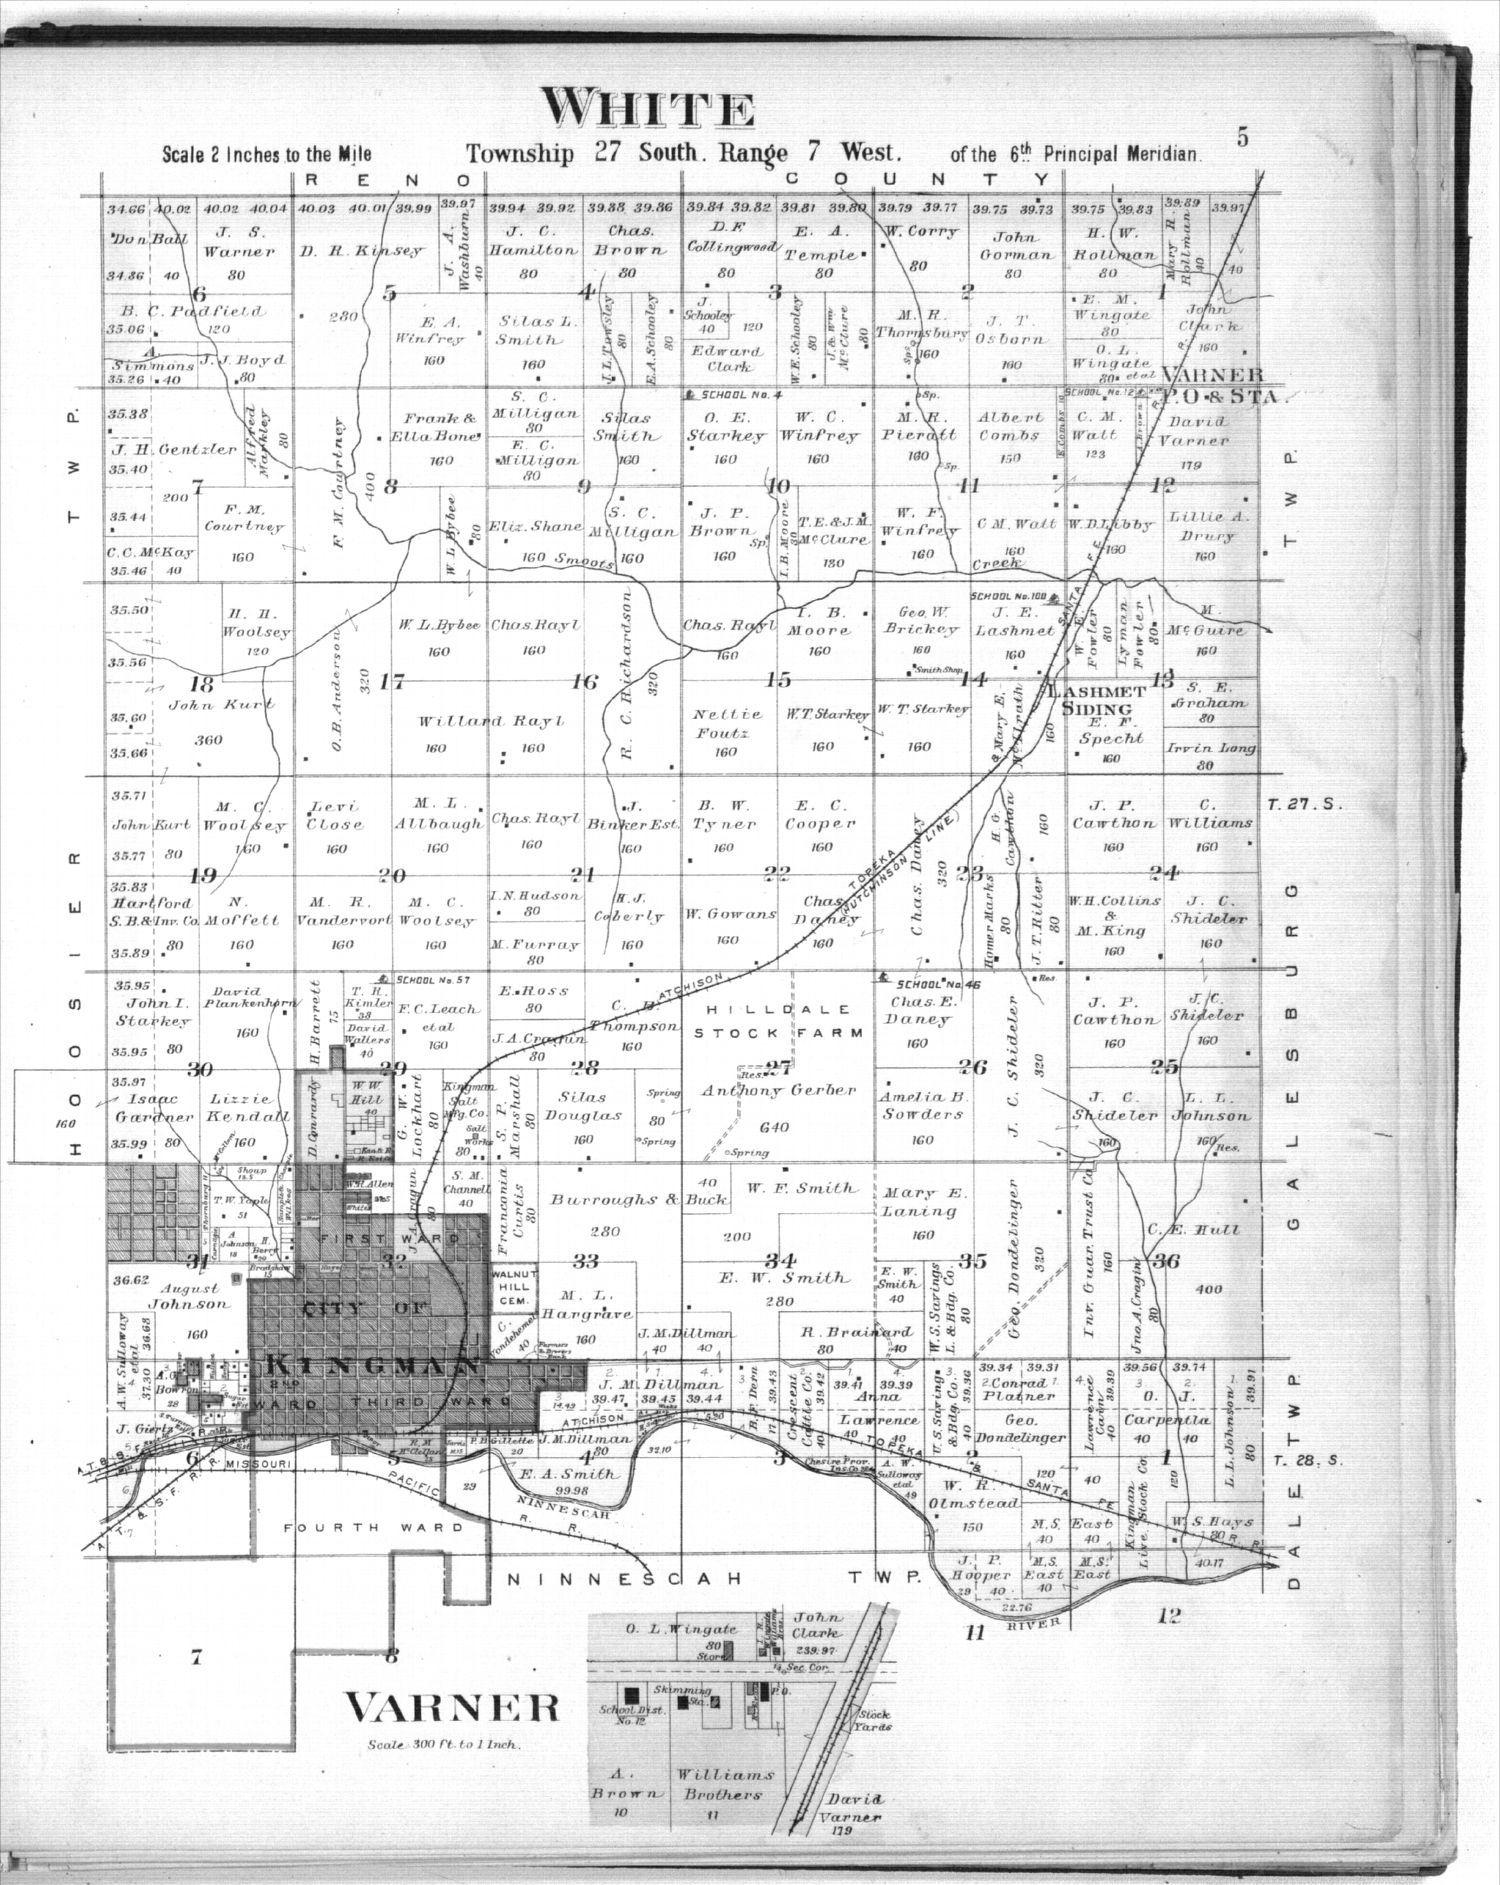 Plat book of Kingman County, Kansas - 5